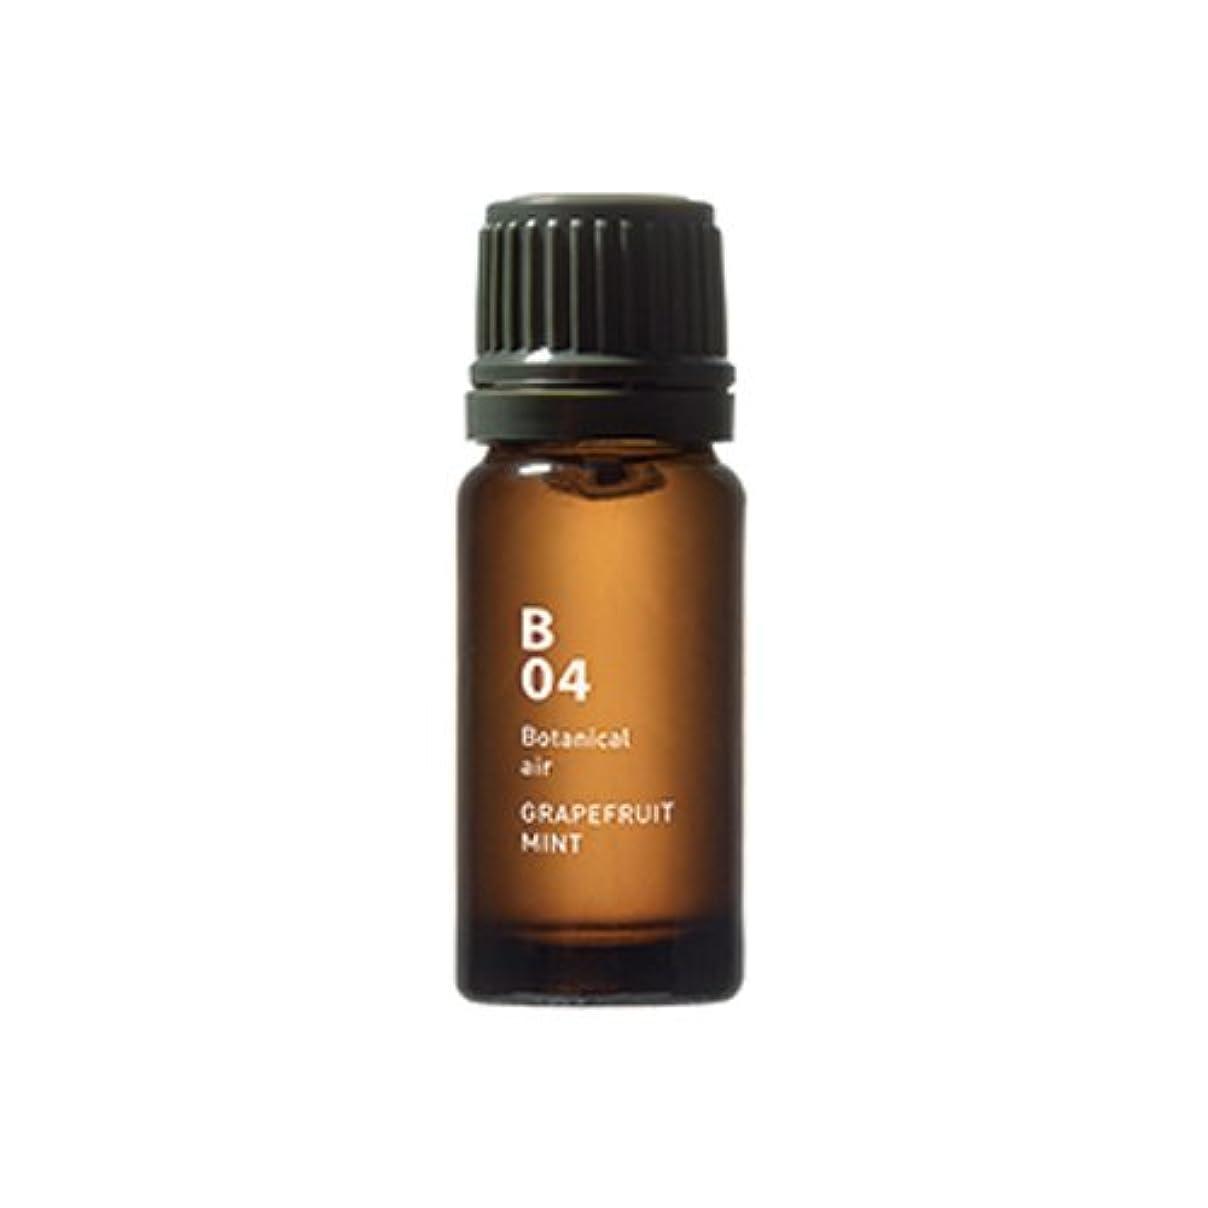 過半数影響予防接種するB04 グレープフルーツミント Botanical air(ボタニカルエアー) 10ml